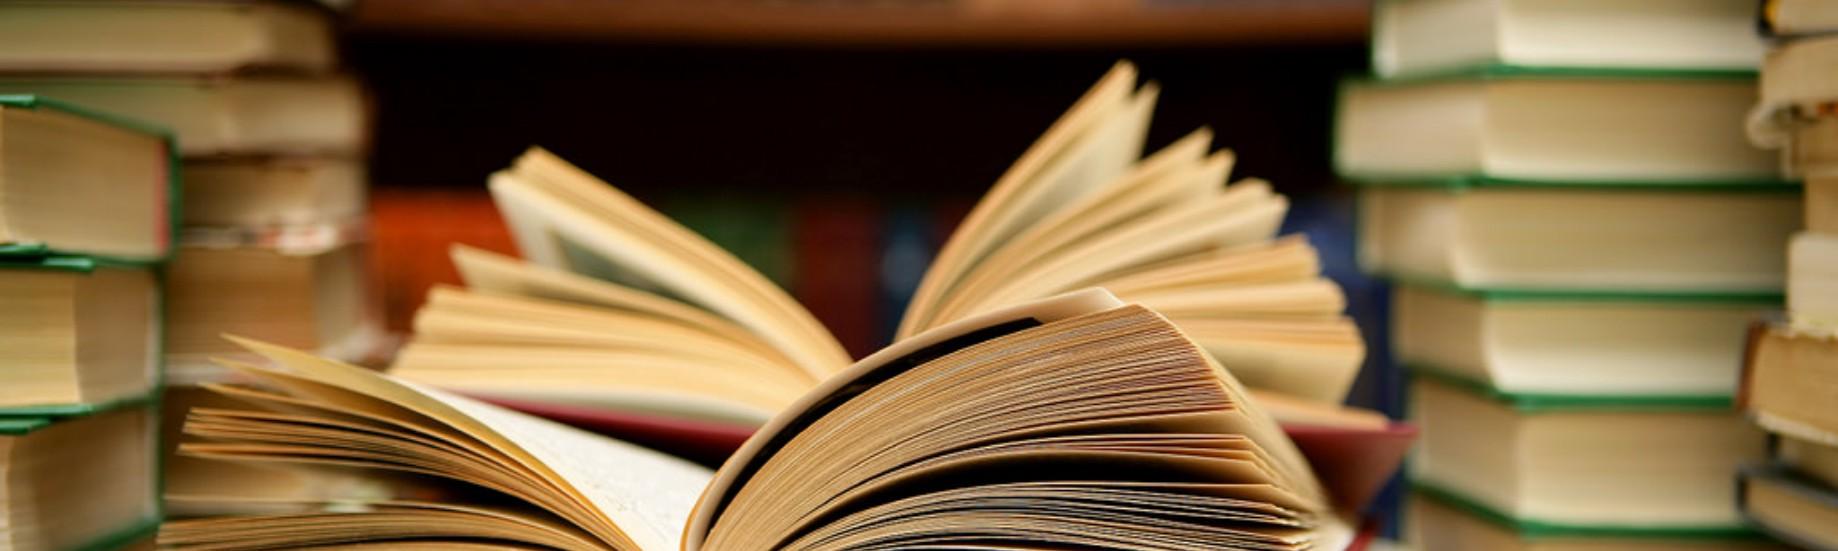 Formations dans le monde des livres